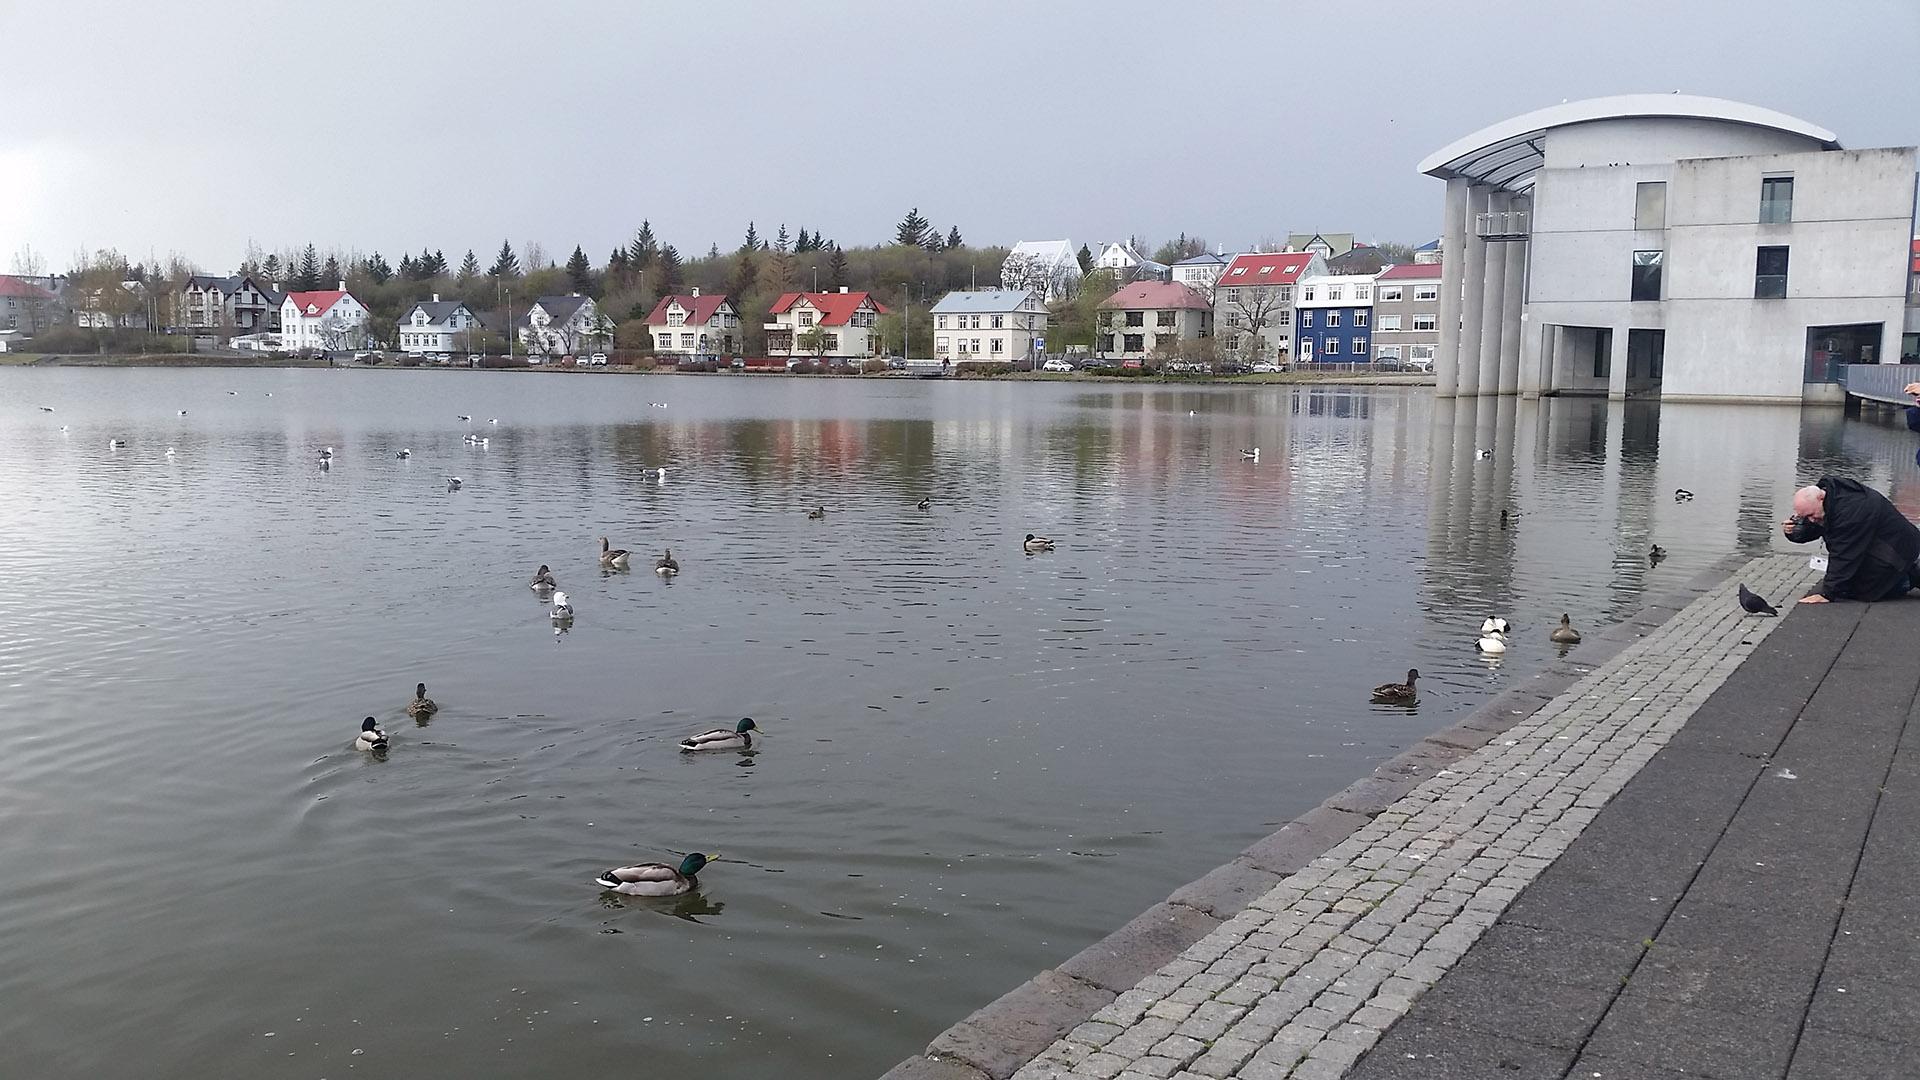 Tjörnin, un enorme lago en pleno centro. A un costado, el ayuntamiento